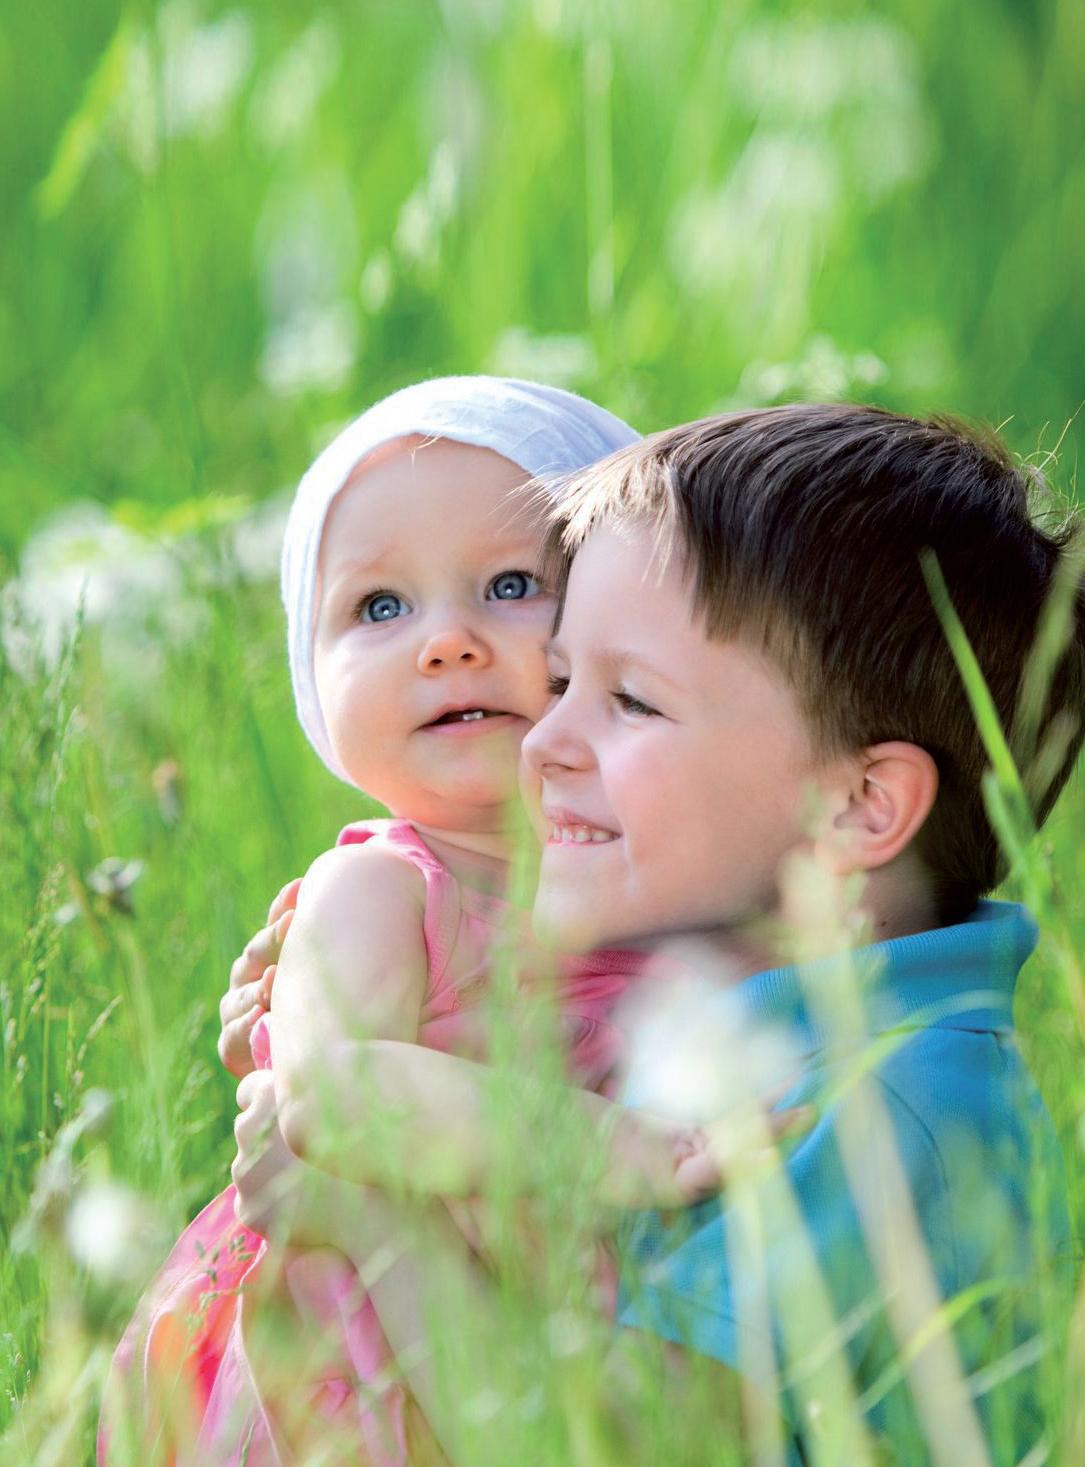 Četverogodišnji brat drži u zagrljaju sedmomjesečnu sestru na livadi.